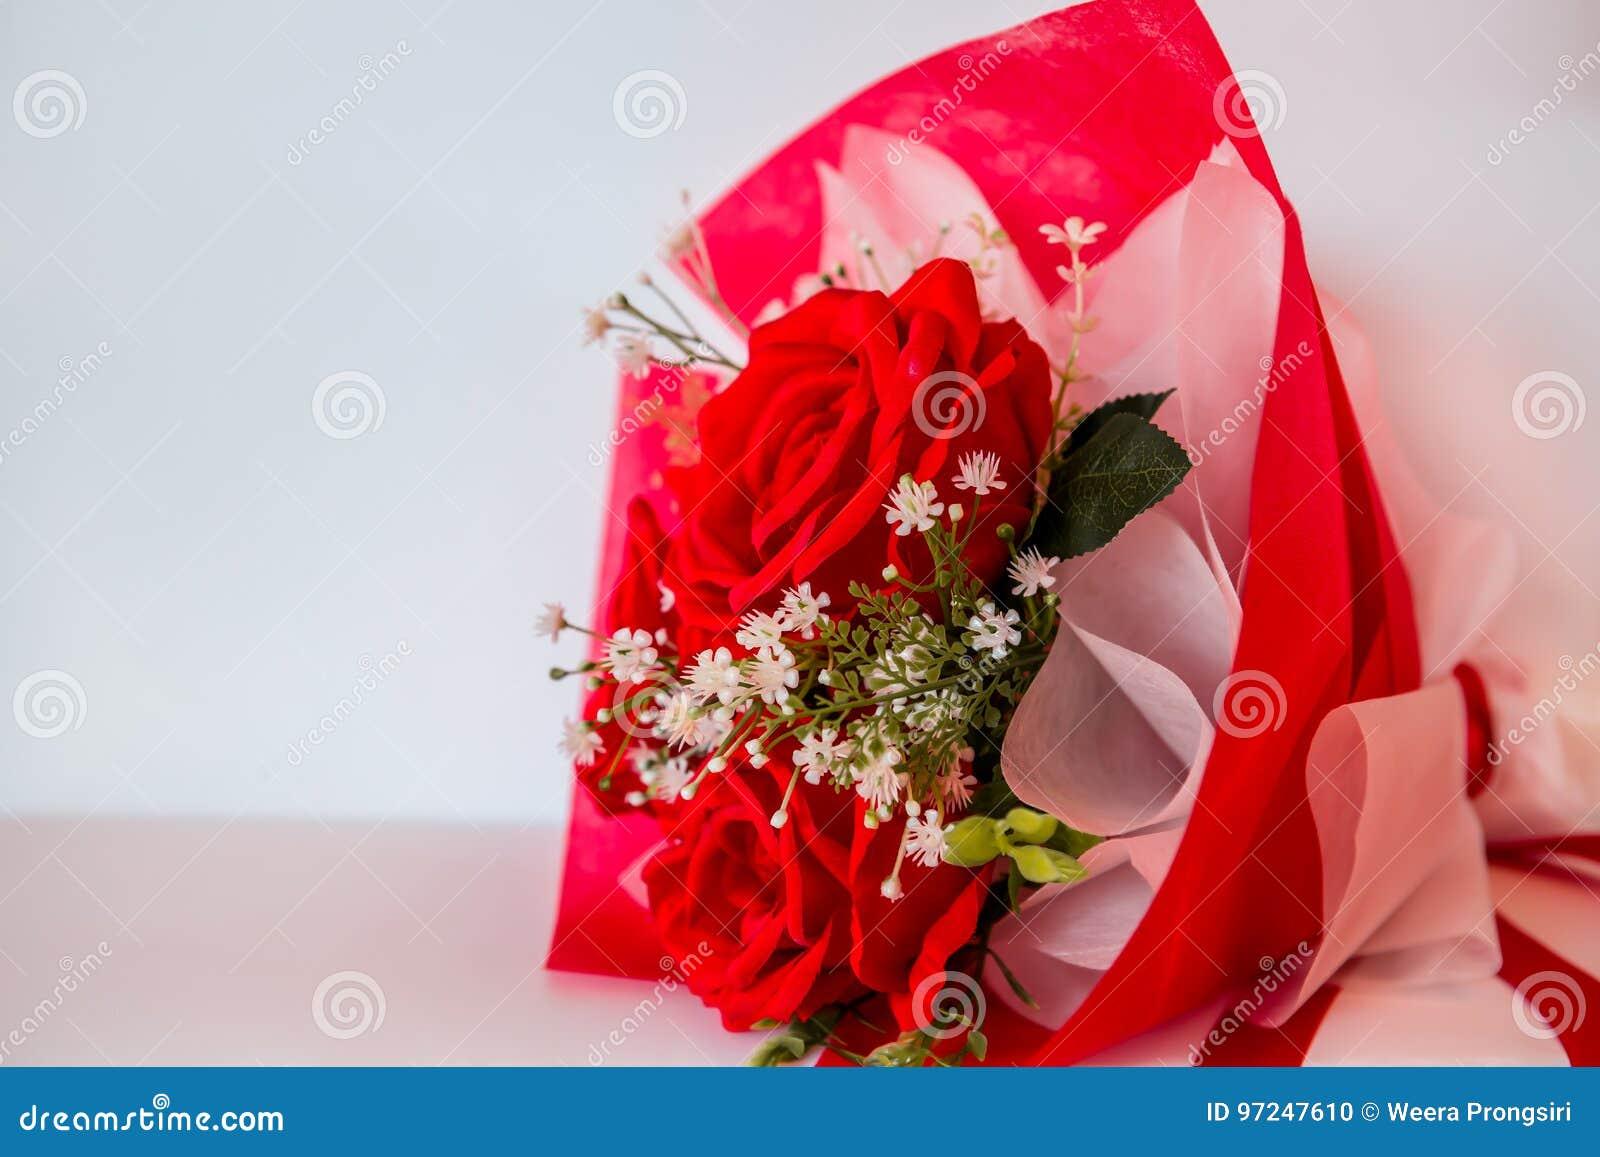 Bouquet, Fleur, Cadeau, Rose , Fleur, Anniversaire Photo